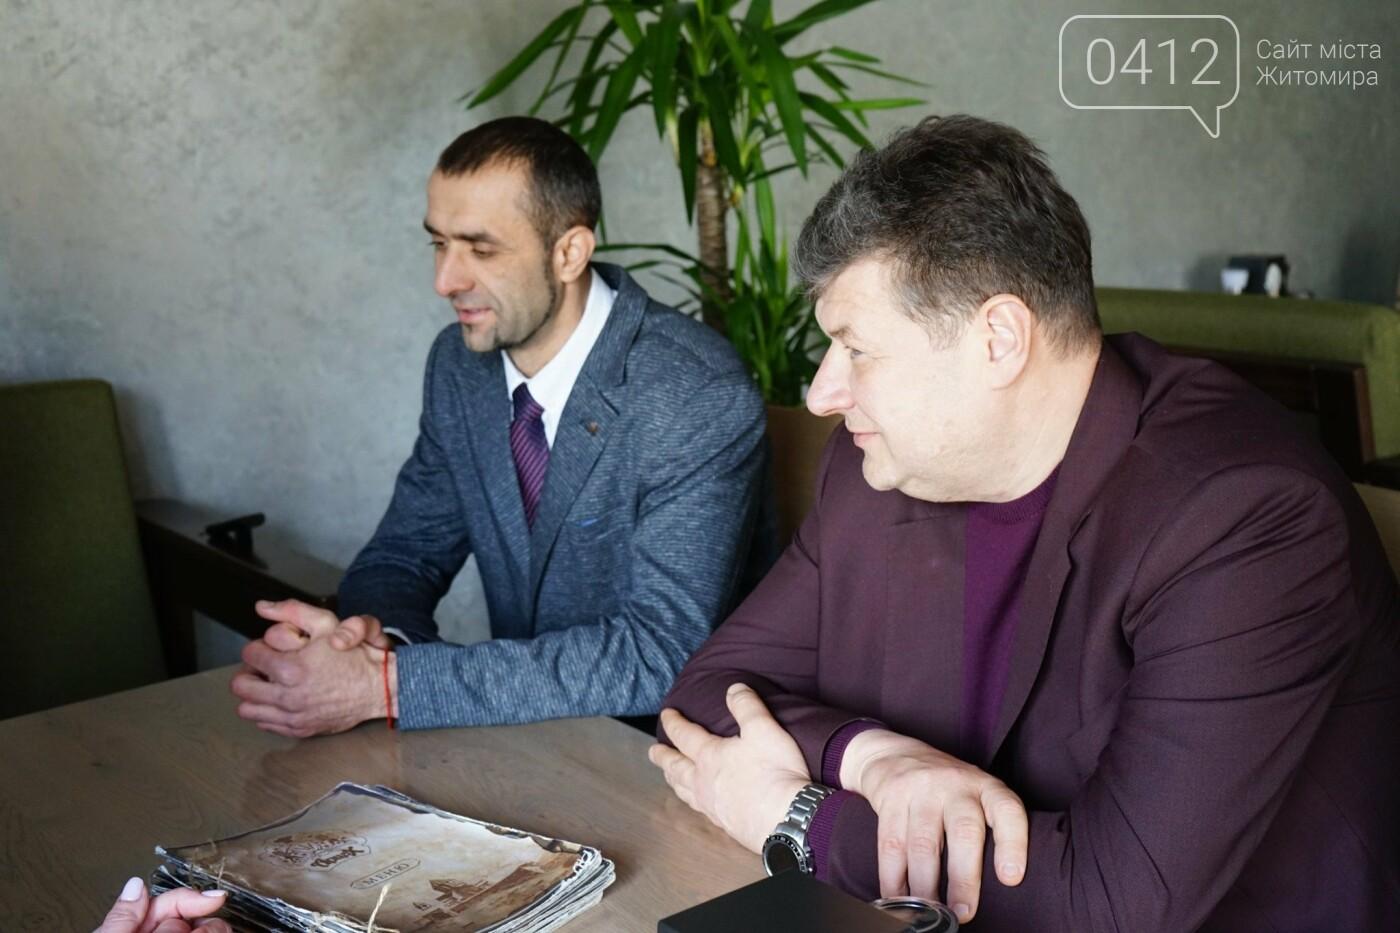 Рідних Героїв Небесної Сотні Житомирщини відвідав Віталій Бунечко, фото-3